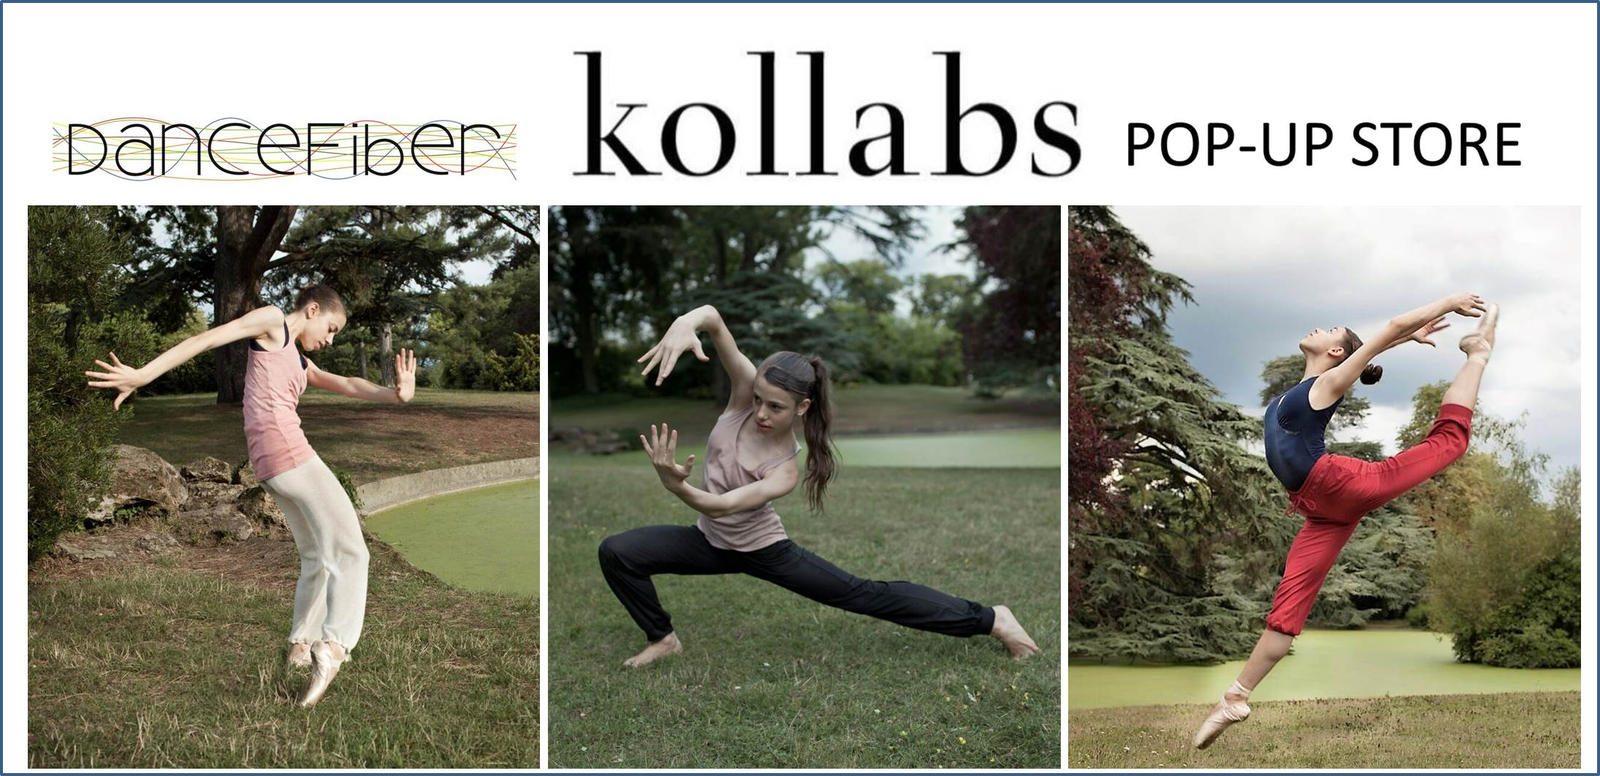 Dancfiber flyer pop-up Kollabs studio